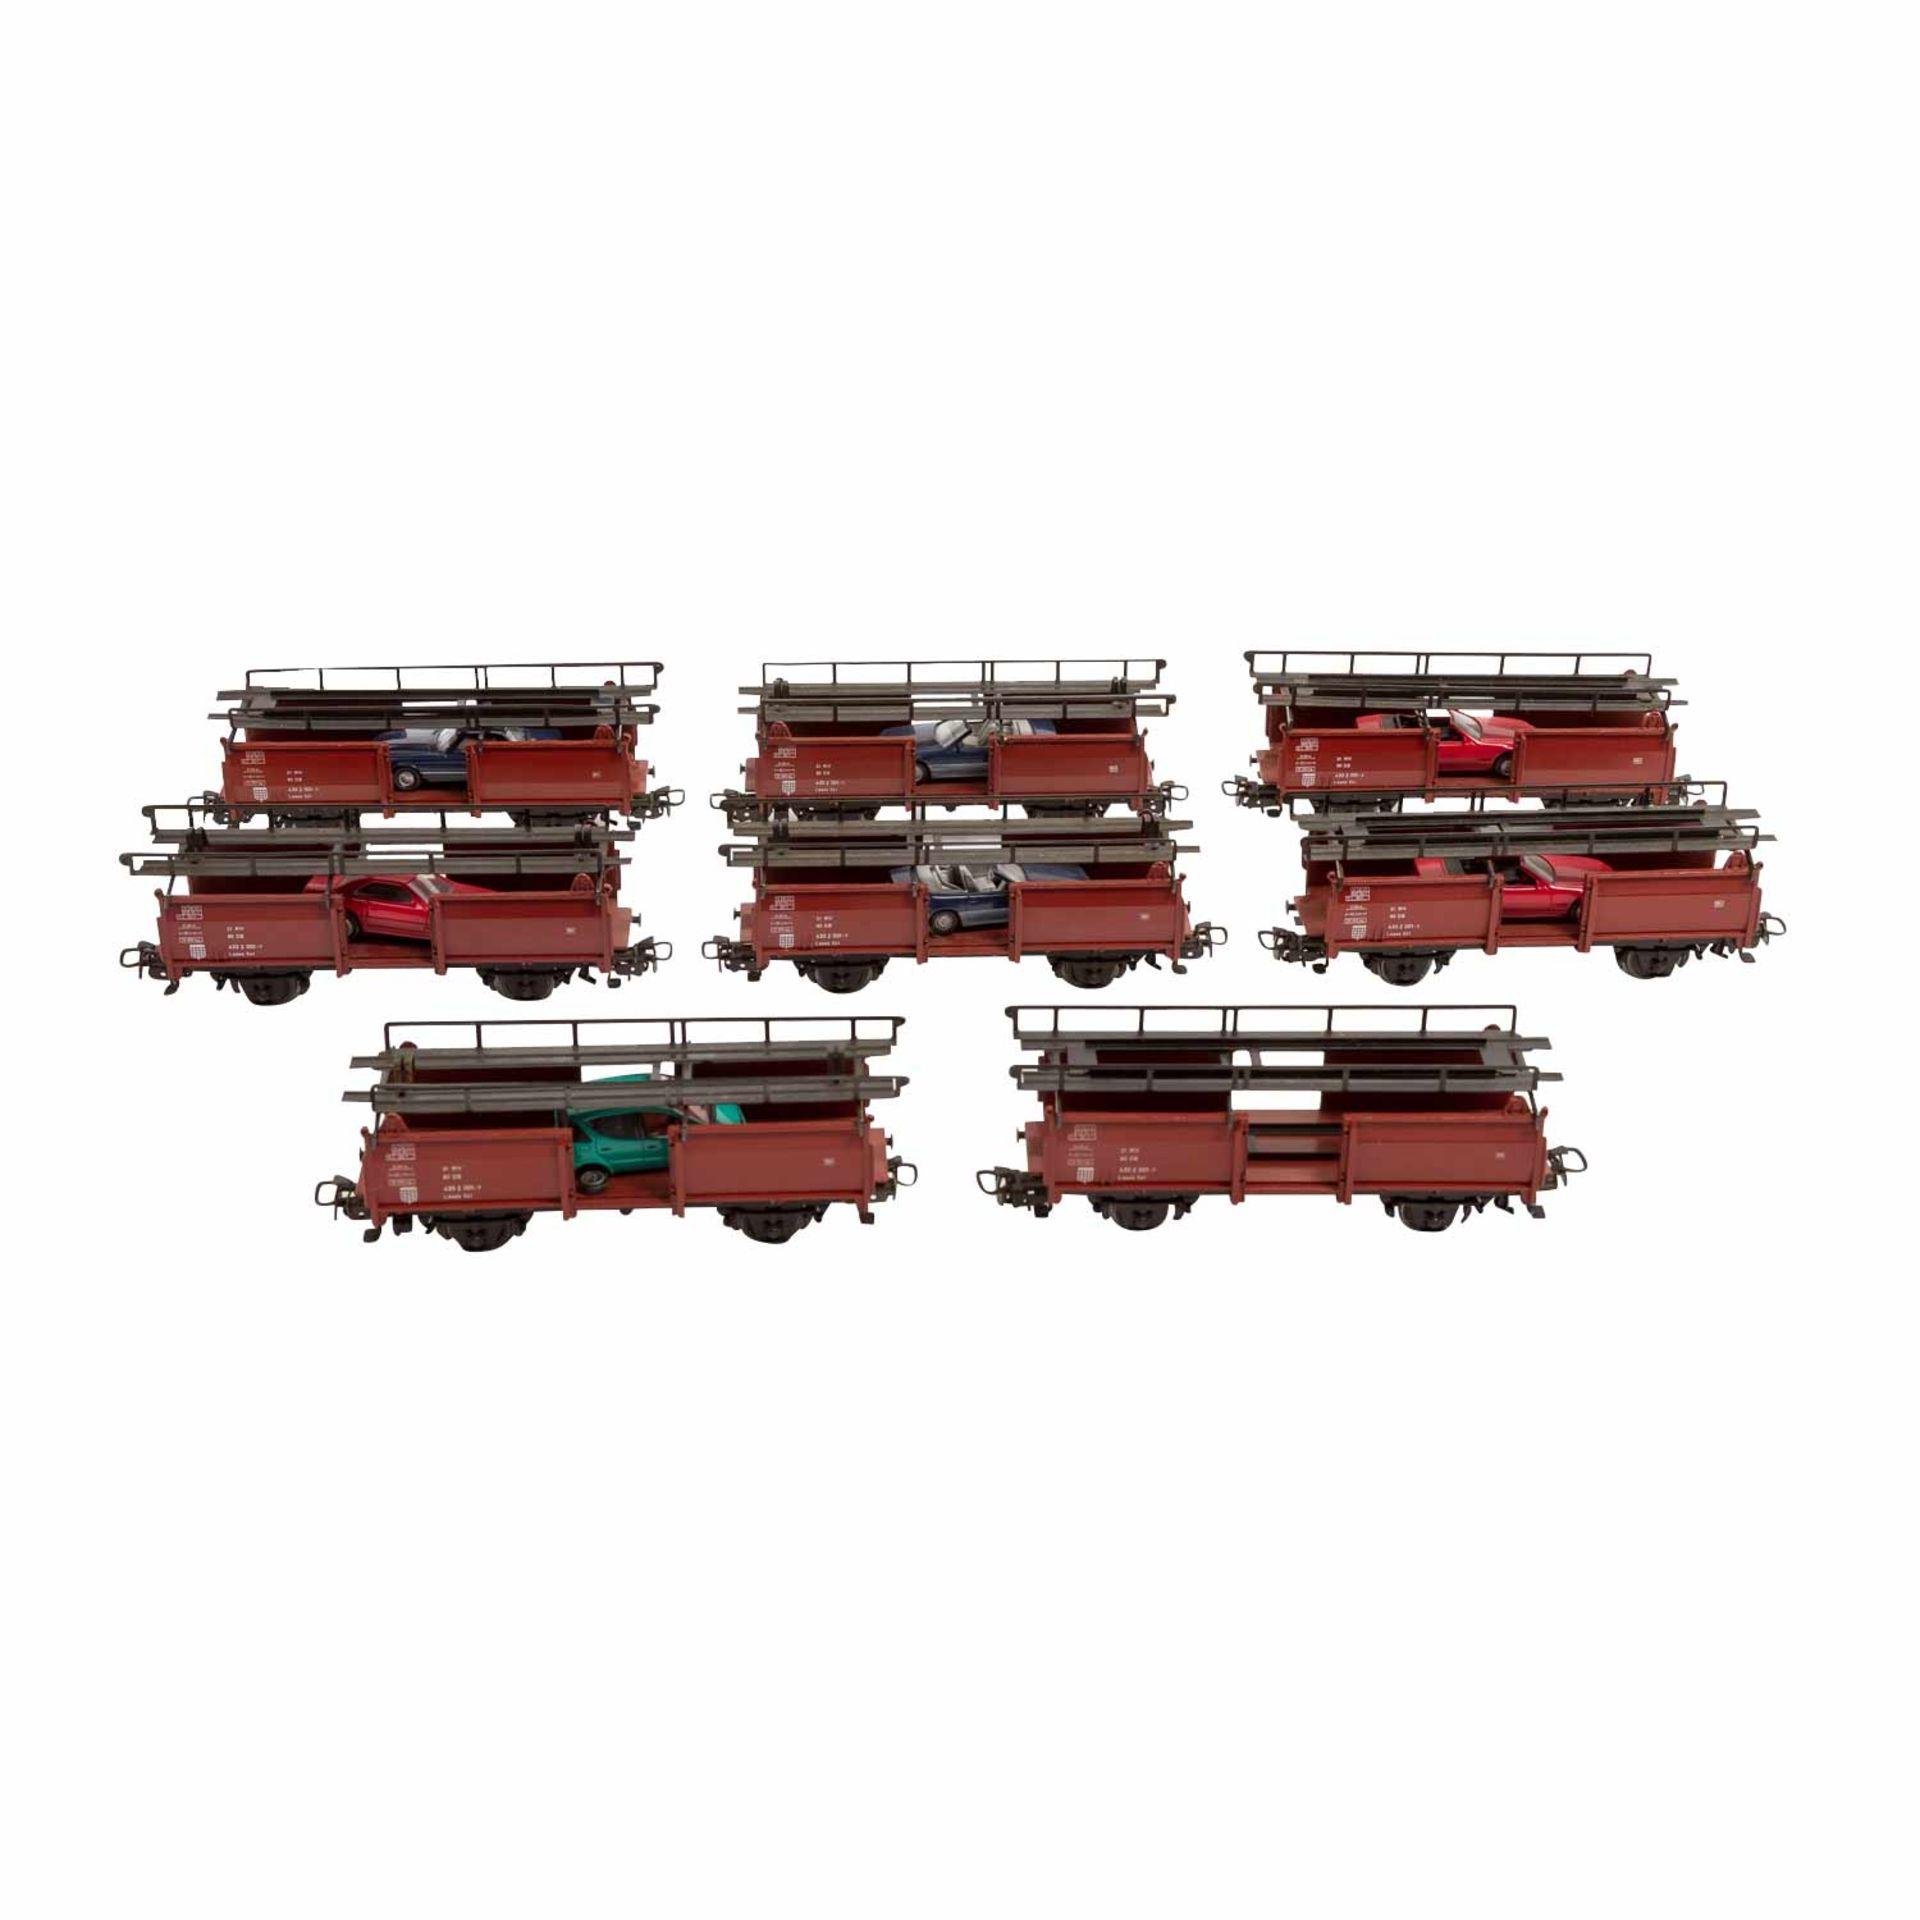 MÄRKLIN Konvolut von zwei Dieselloks und 8 Güterwagen, Spur H0,bestehend aus Diesell - Image 3 of 3